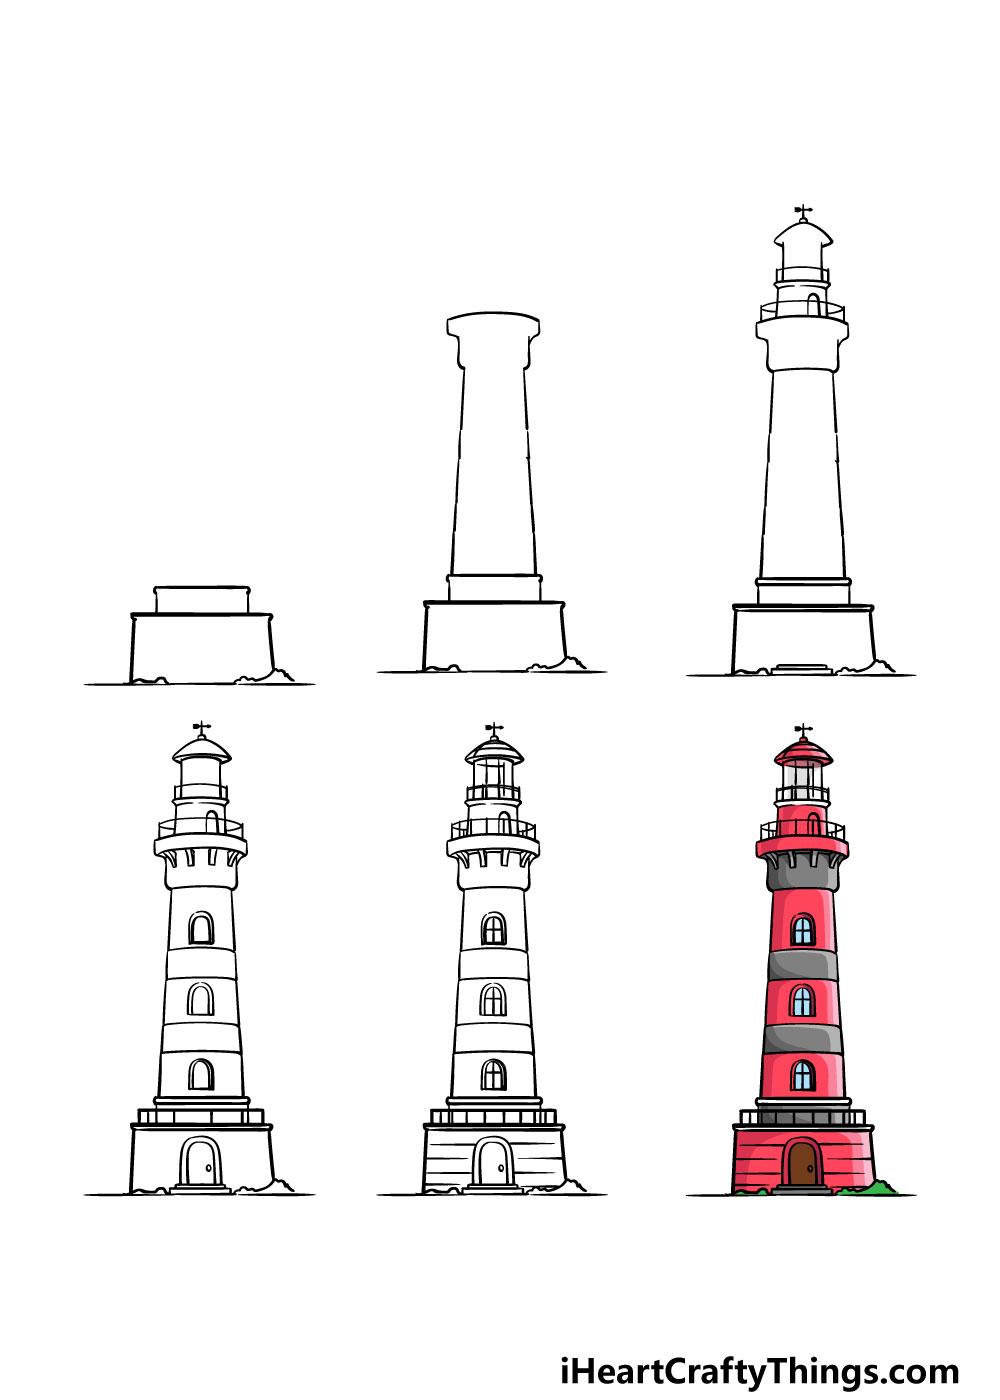 cách vẽ một ngọn hải đăng trong 6 bước